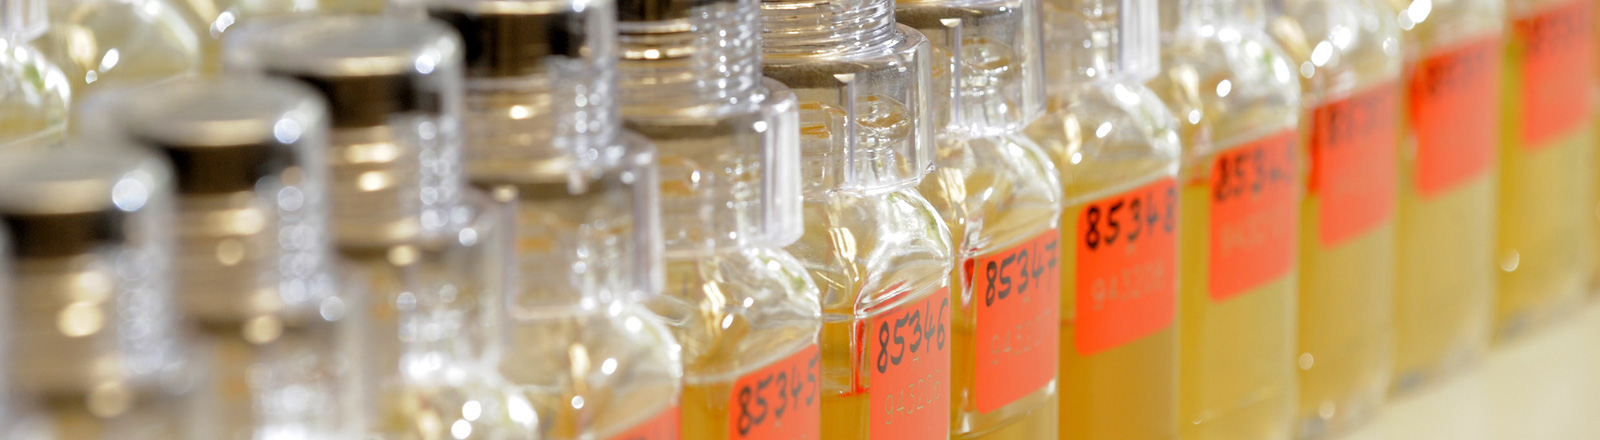 Dopingproben im Doping Labor im Institut für Dopinganalytik und Sportbiochemie (IDAS) in Kreischa, aufgenommen am 01.10.08 (dpa).